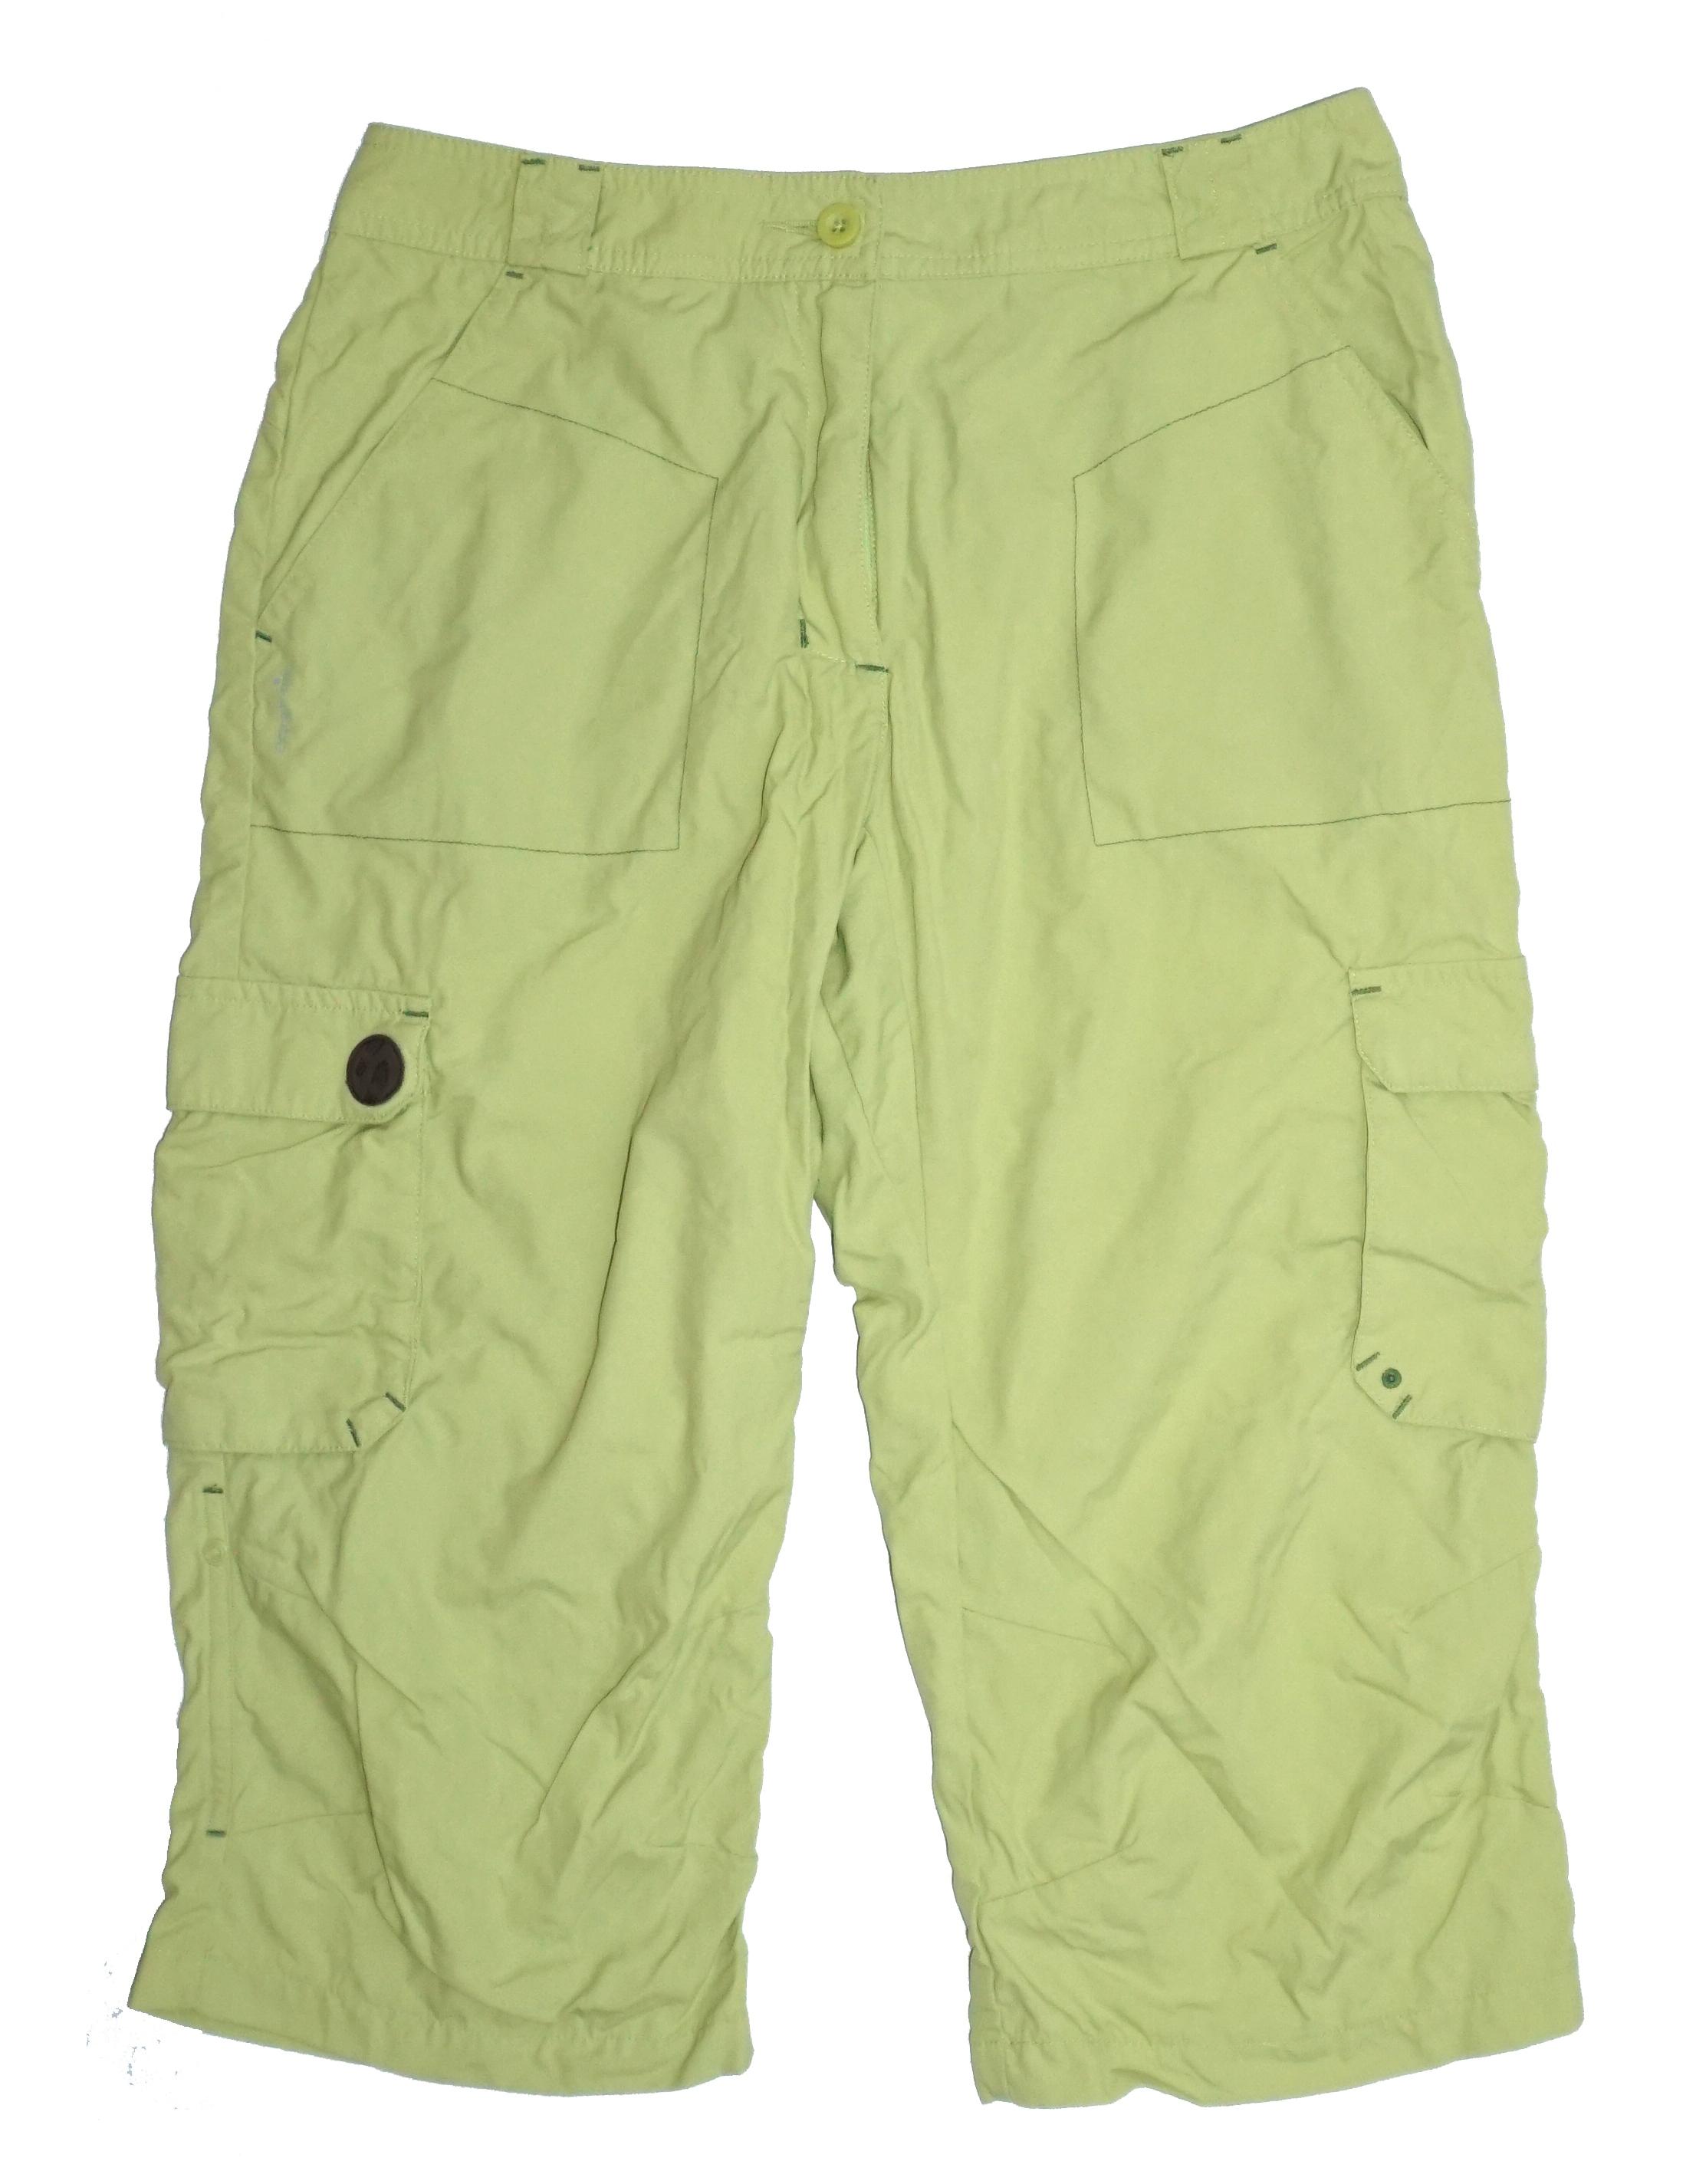 pantaloni quechua 3-4